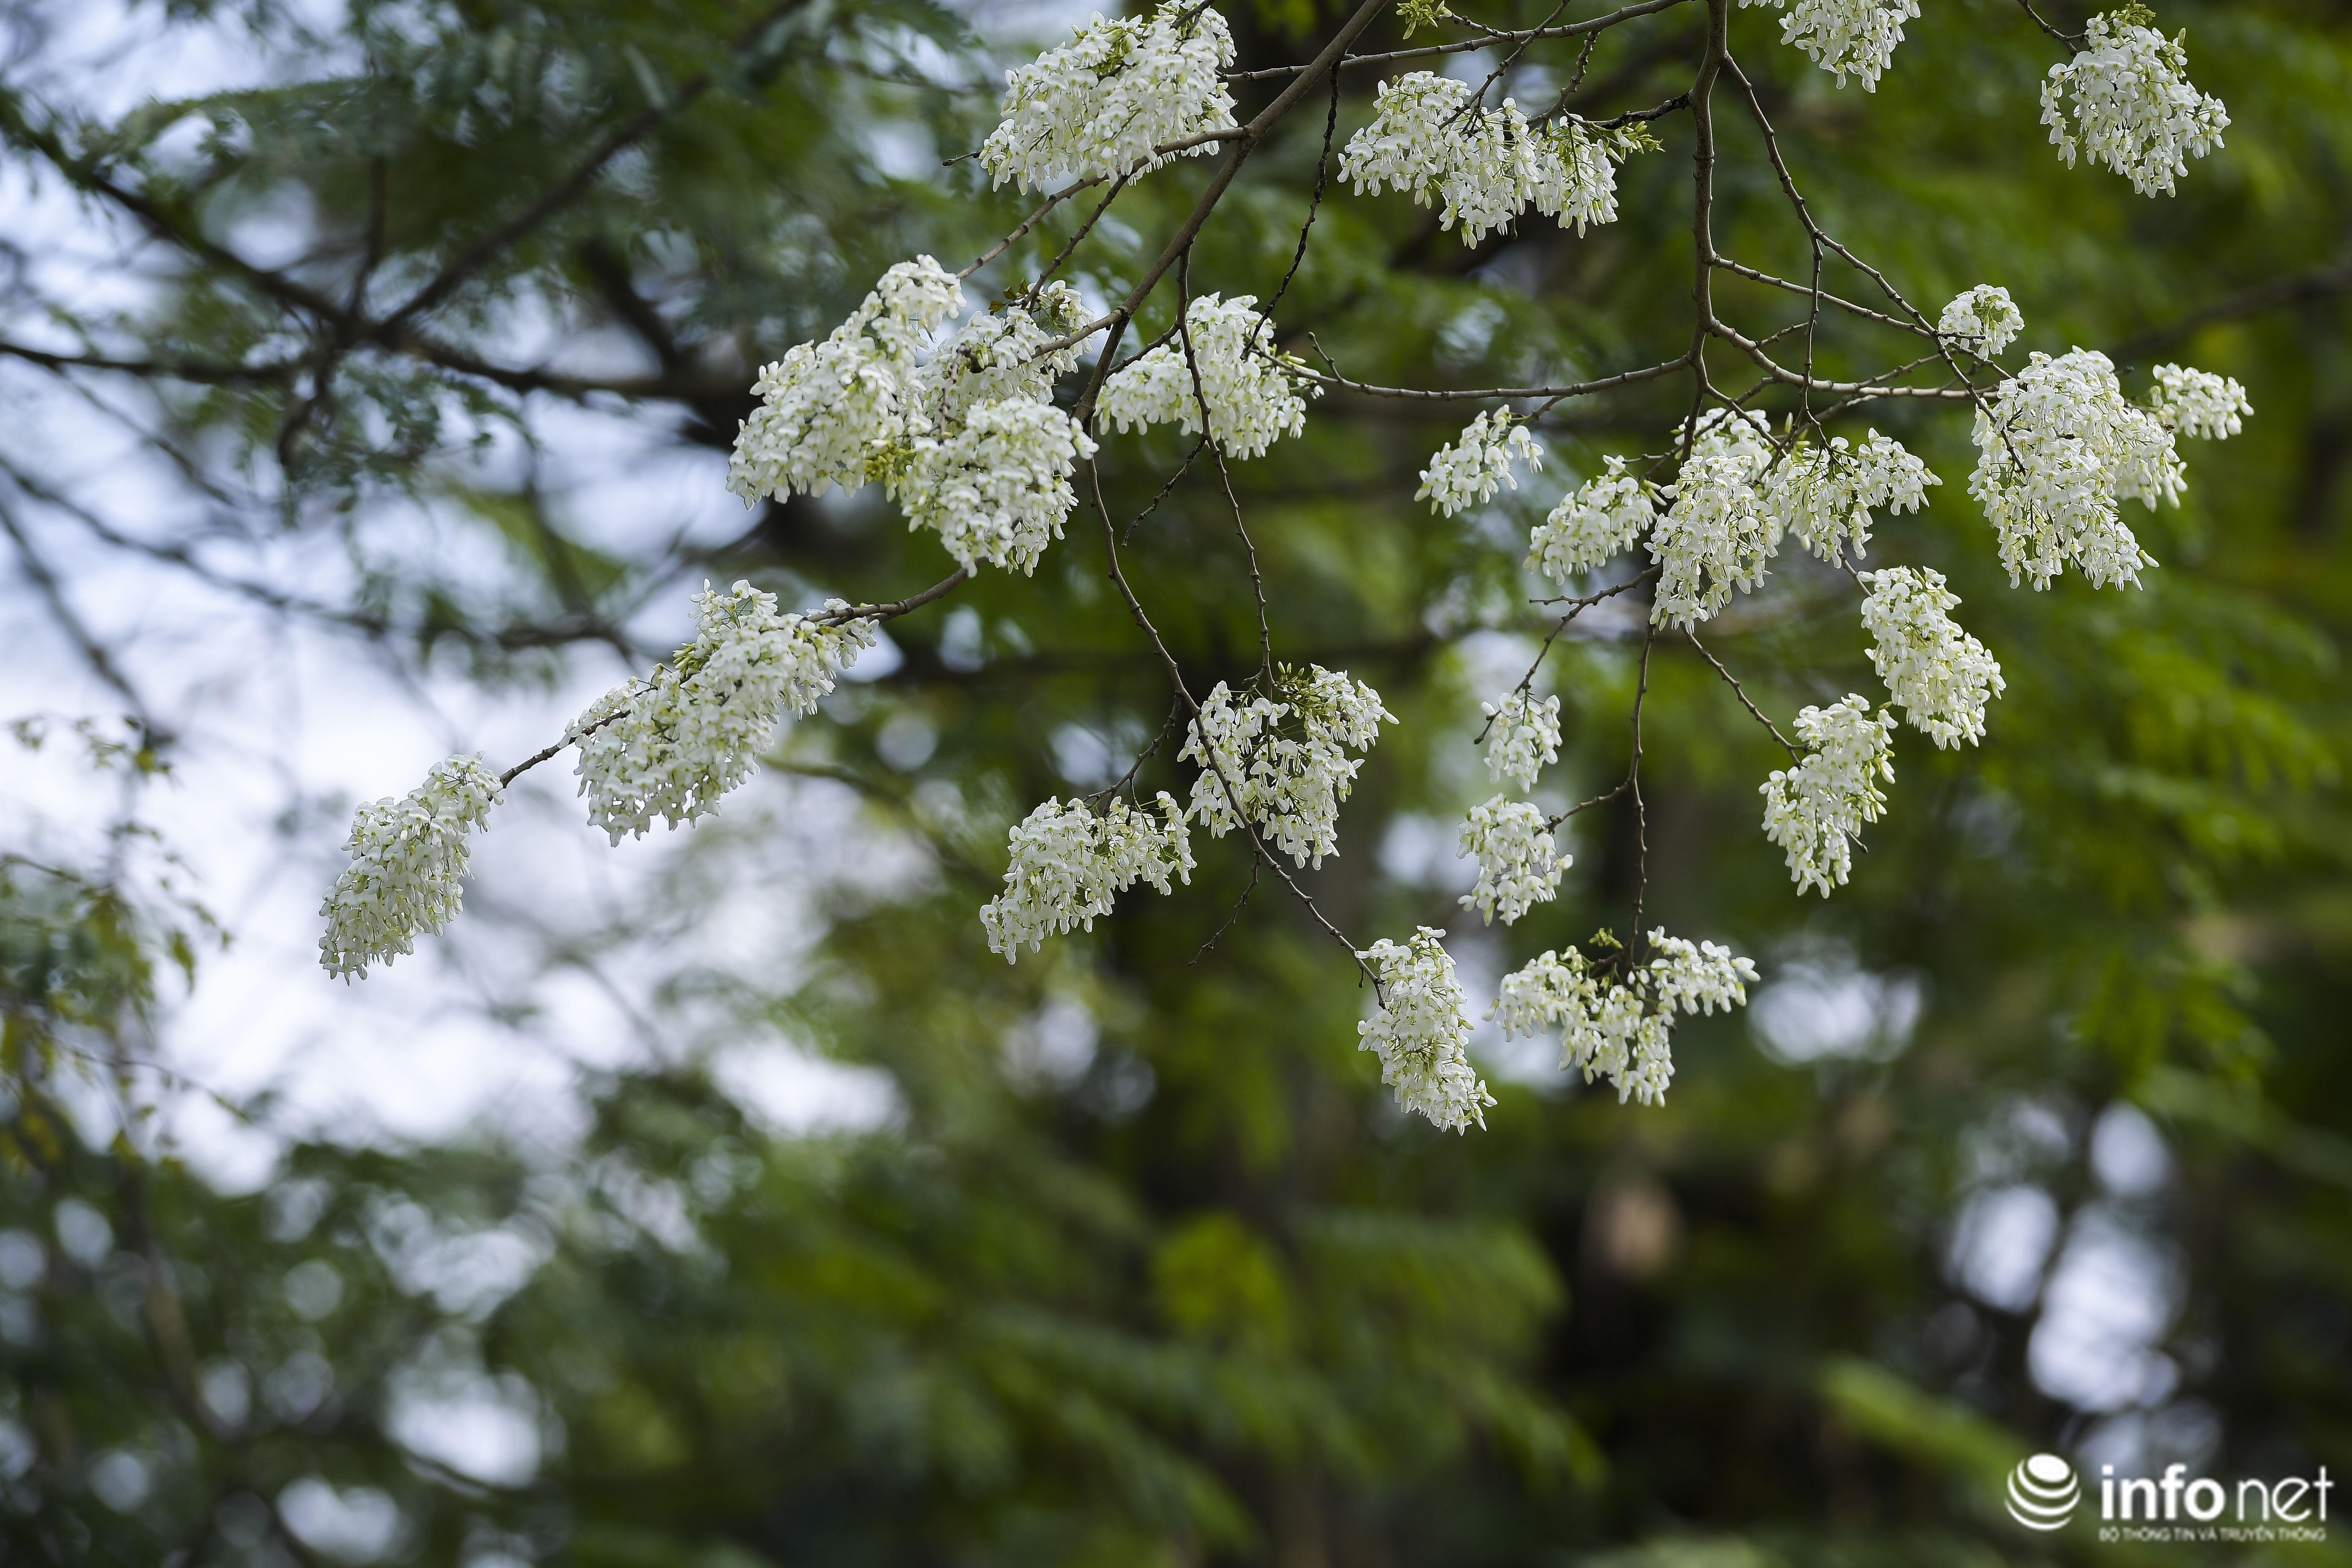 Ngắm hoa sưa nở trắng phố phường Hà Nội Ảnh 13